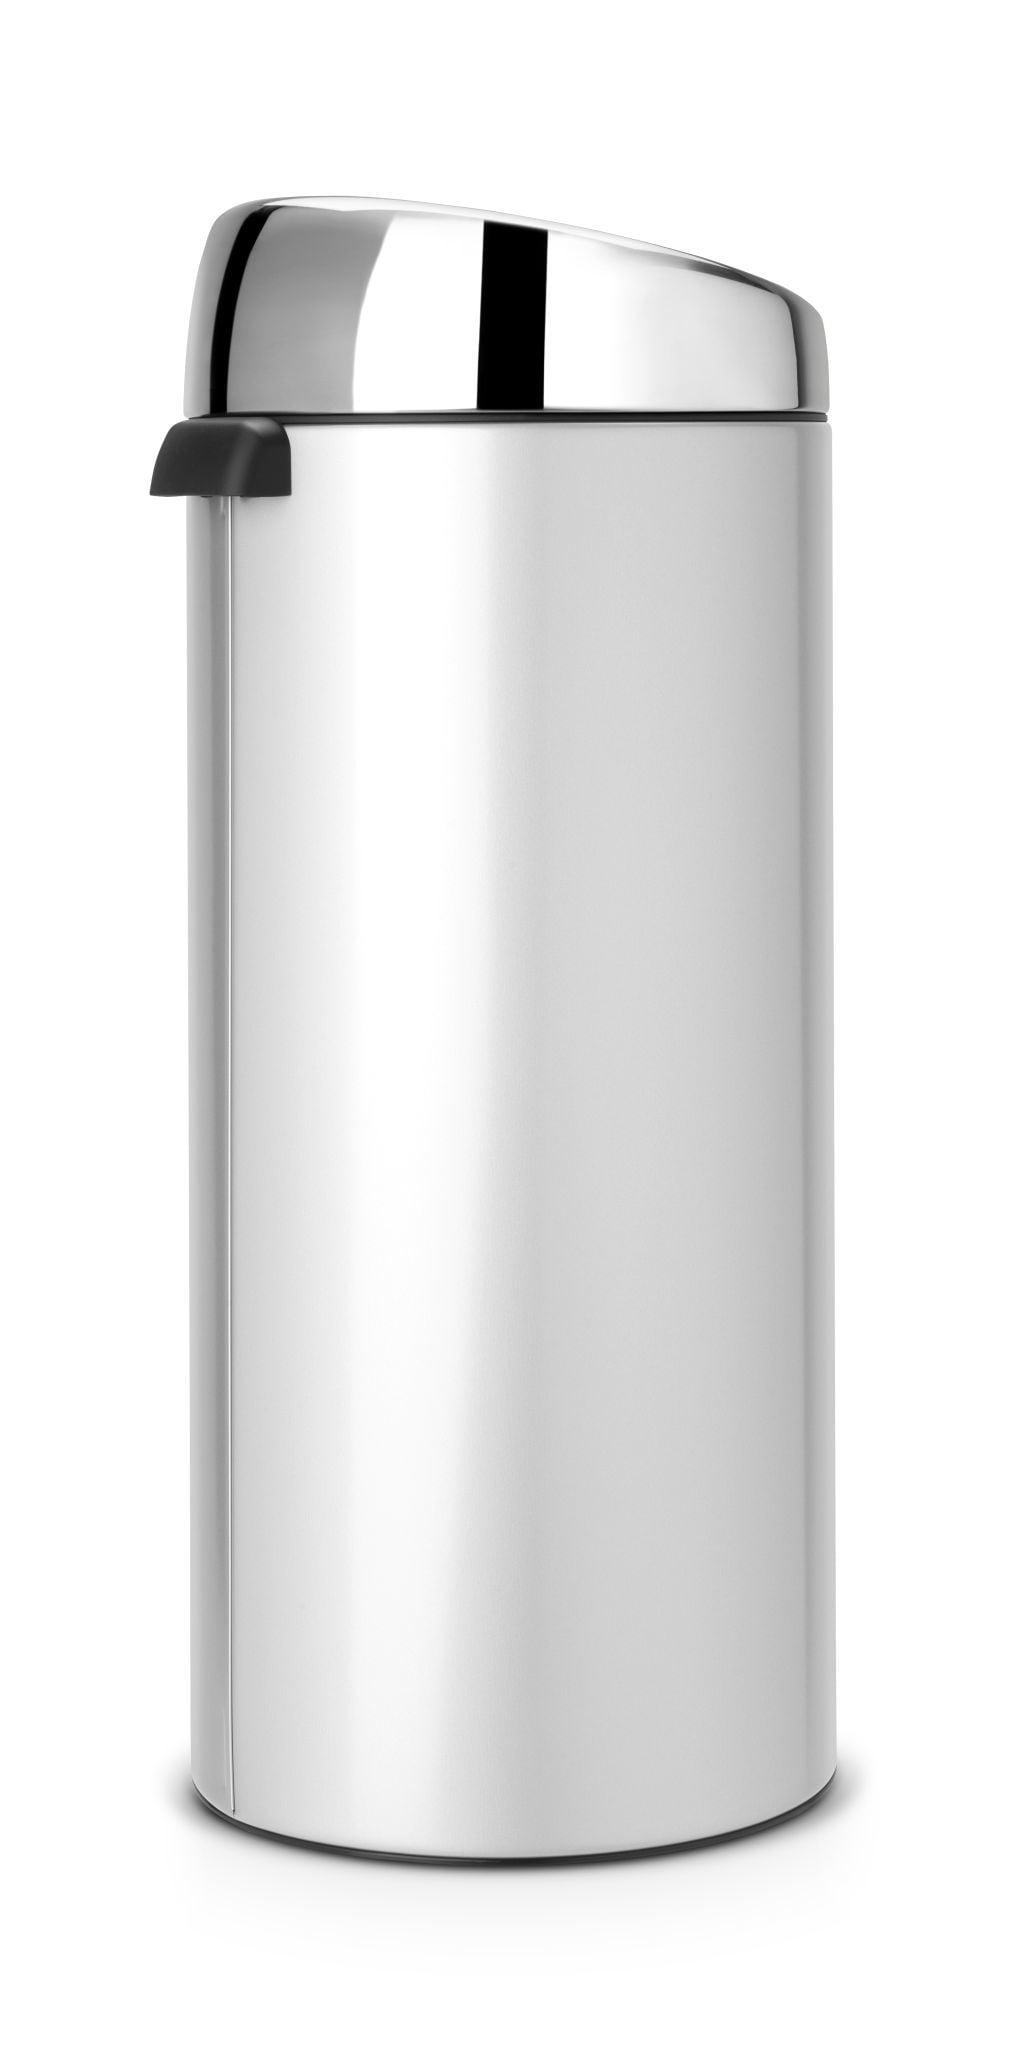 Brabantia Touch Bin 30 Liter.Brabantia Touch Bin 30 Liter Metallic Grey Coppens Warenhuis